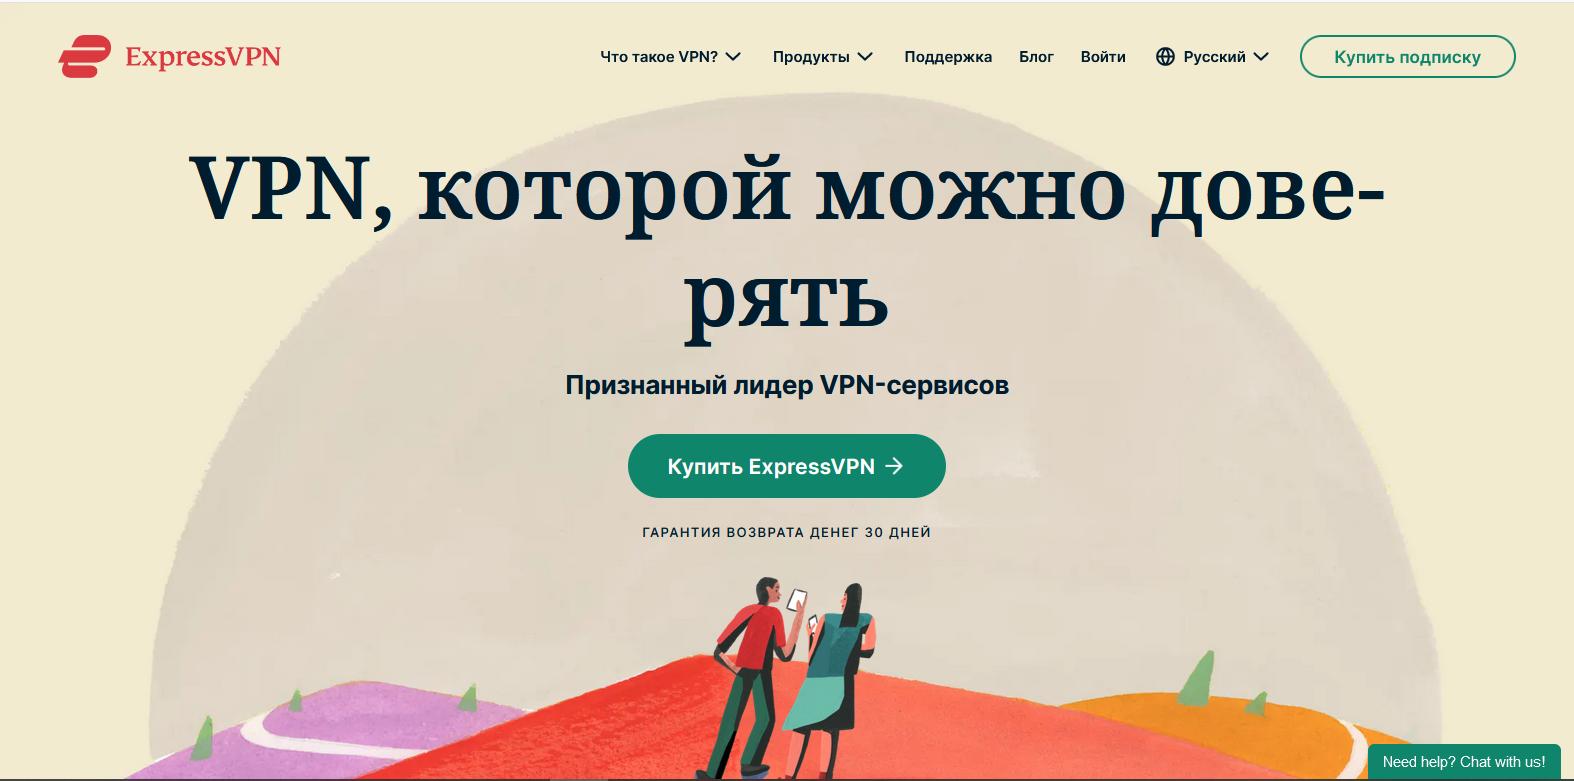 VPN, которой можно доверять